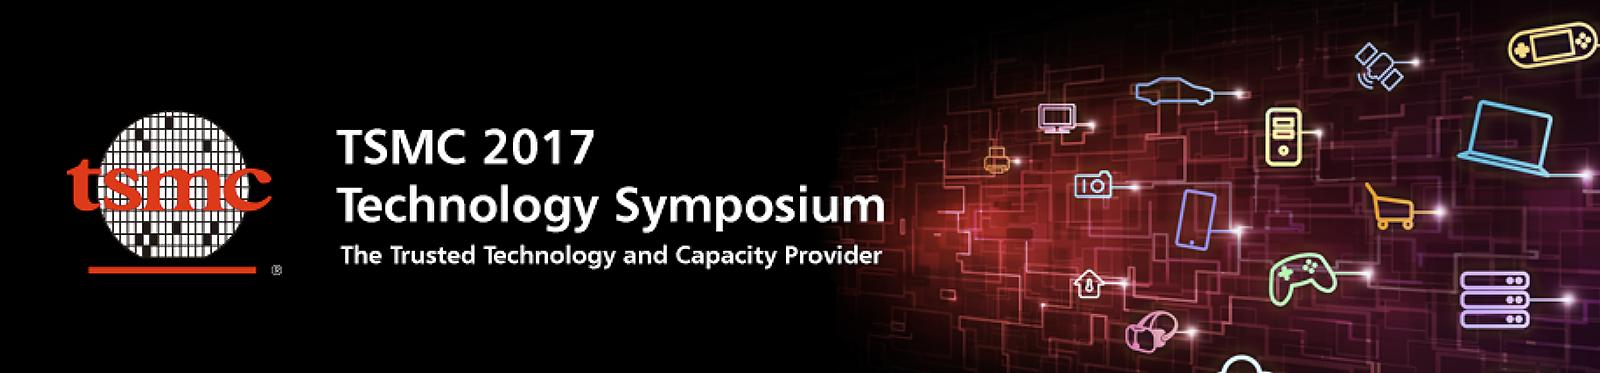 June 13th, TSMC symposium